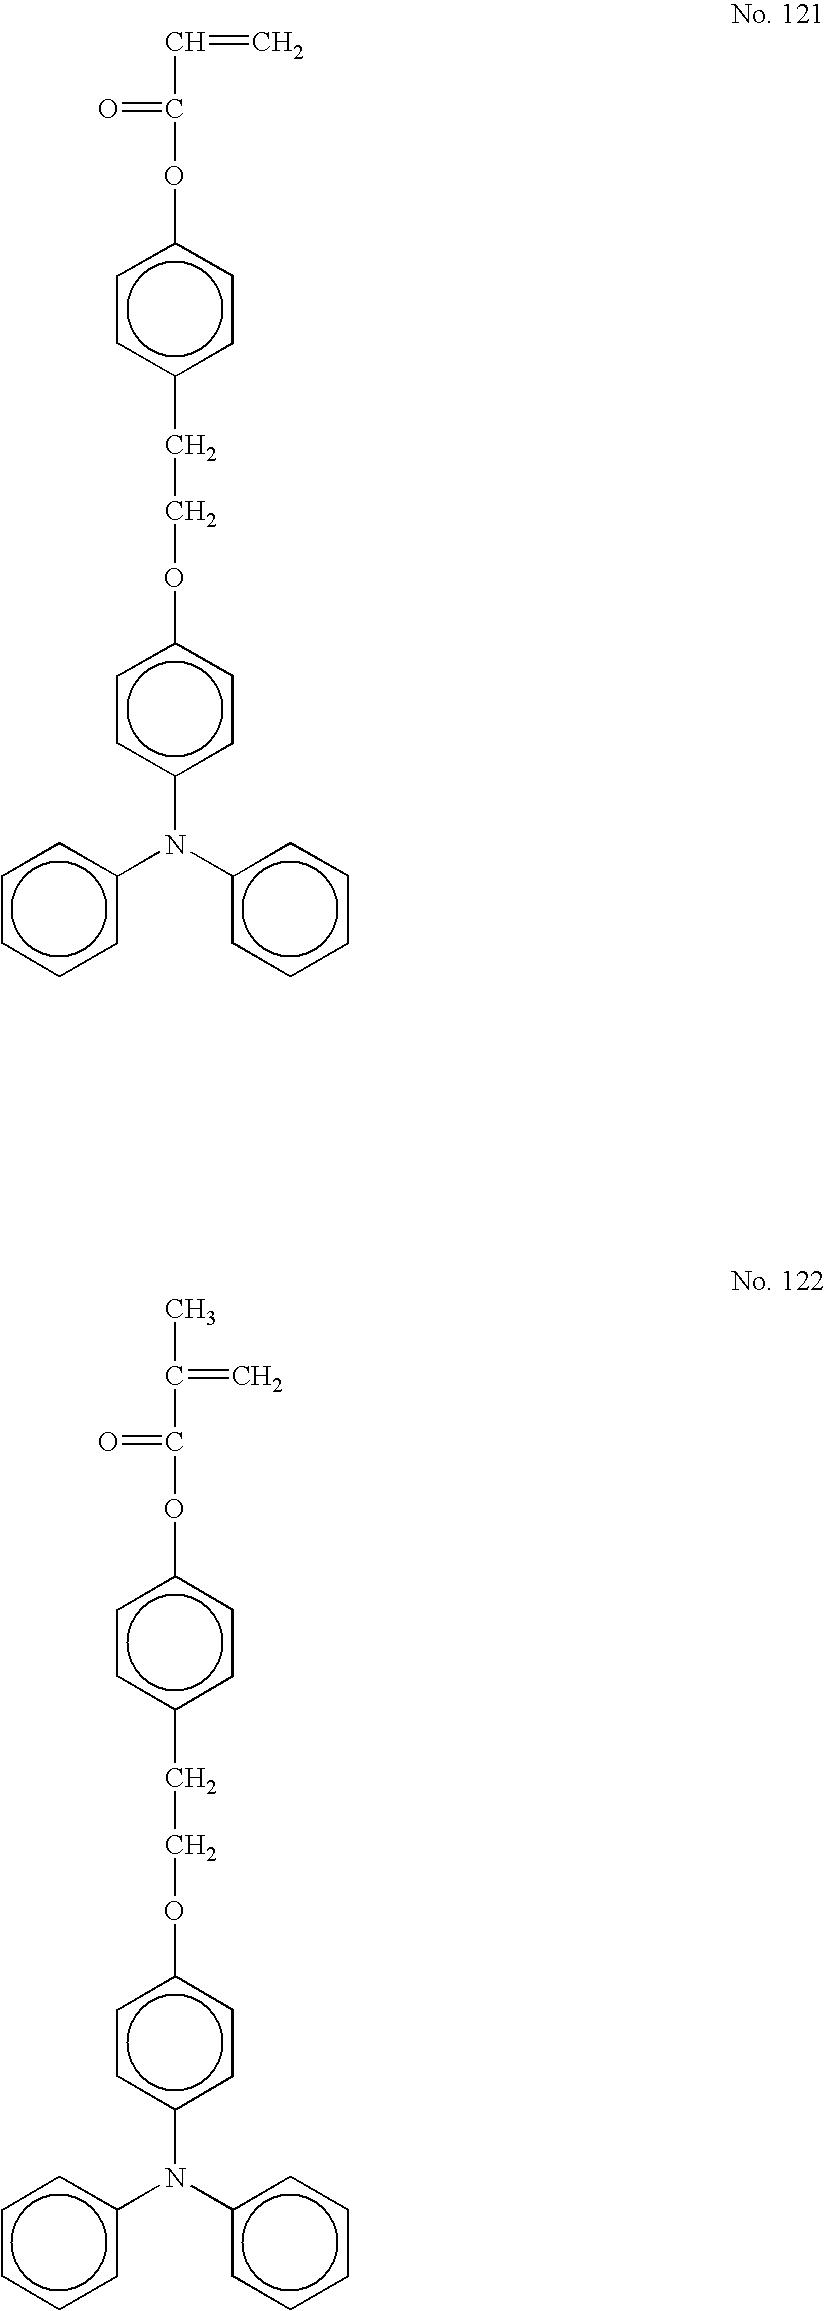 Figure US20040253527A1-20041216-C00054